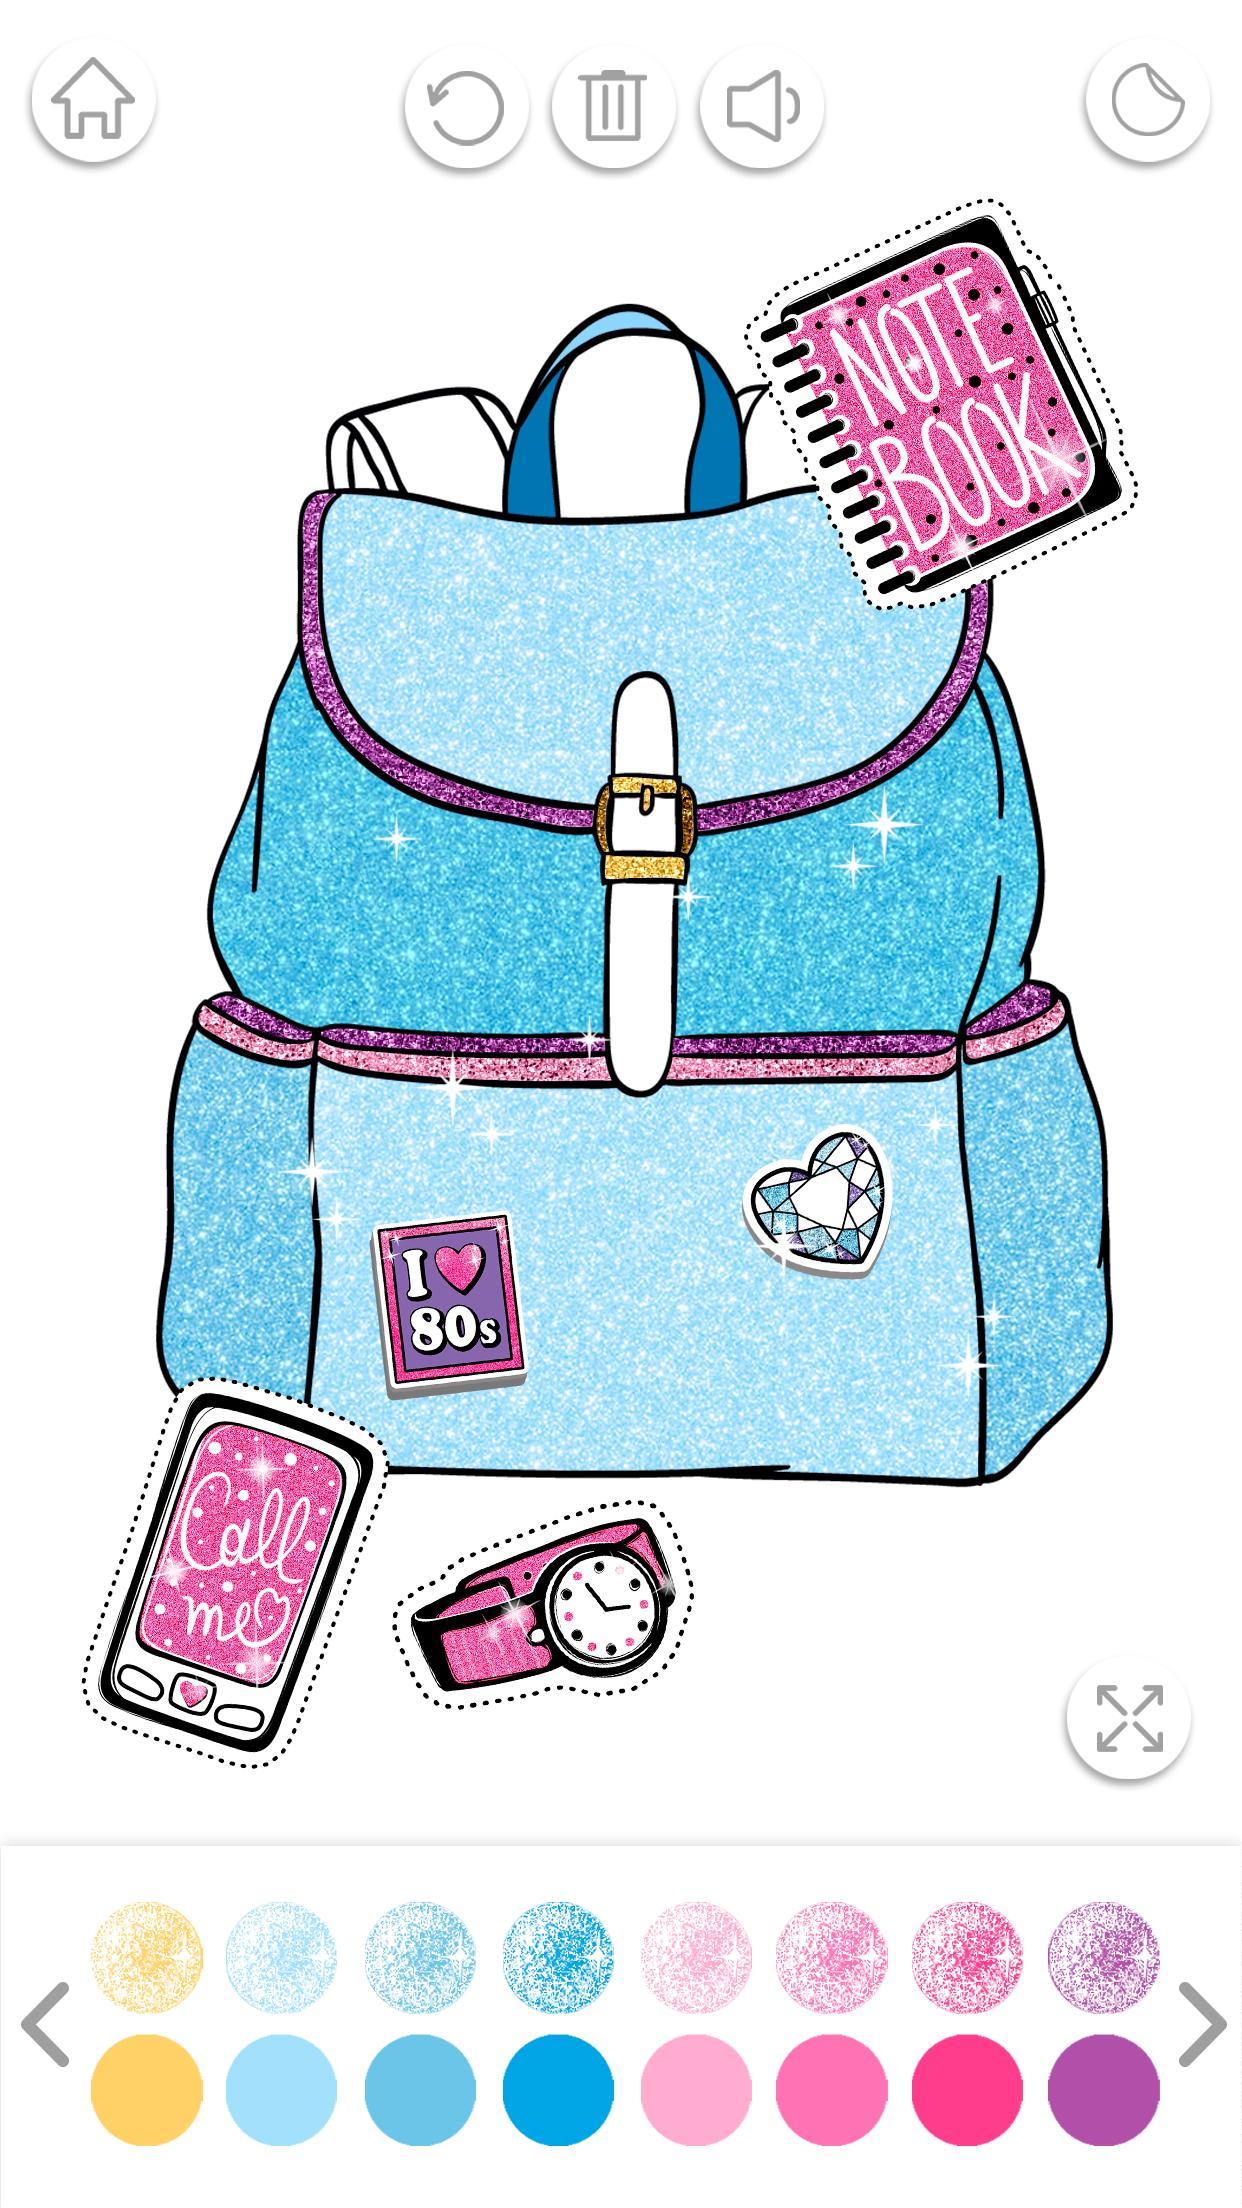 Блестящие Раскраски для Девочек: Мода и Стиль для Андроид ...